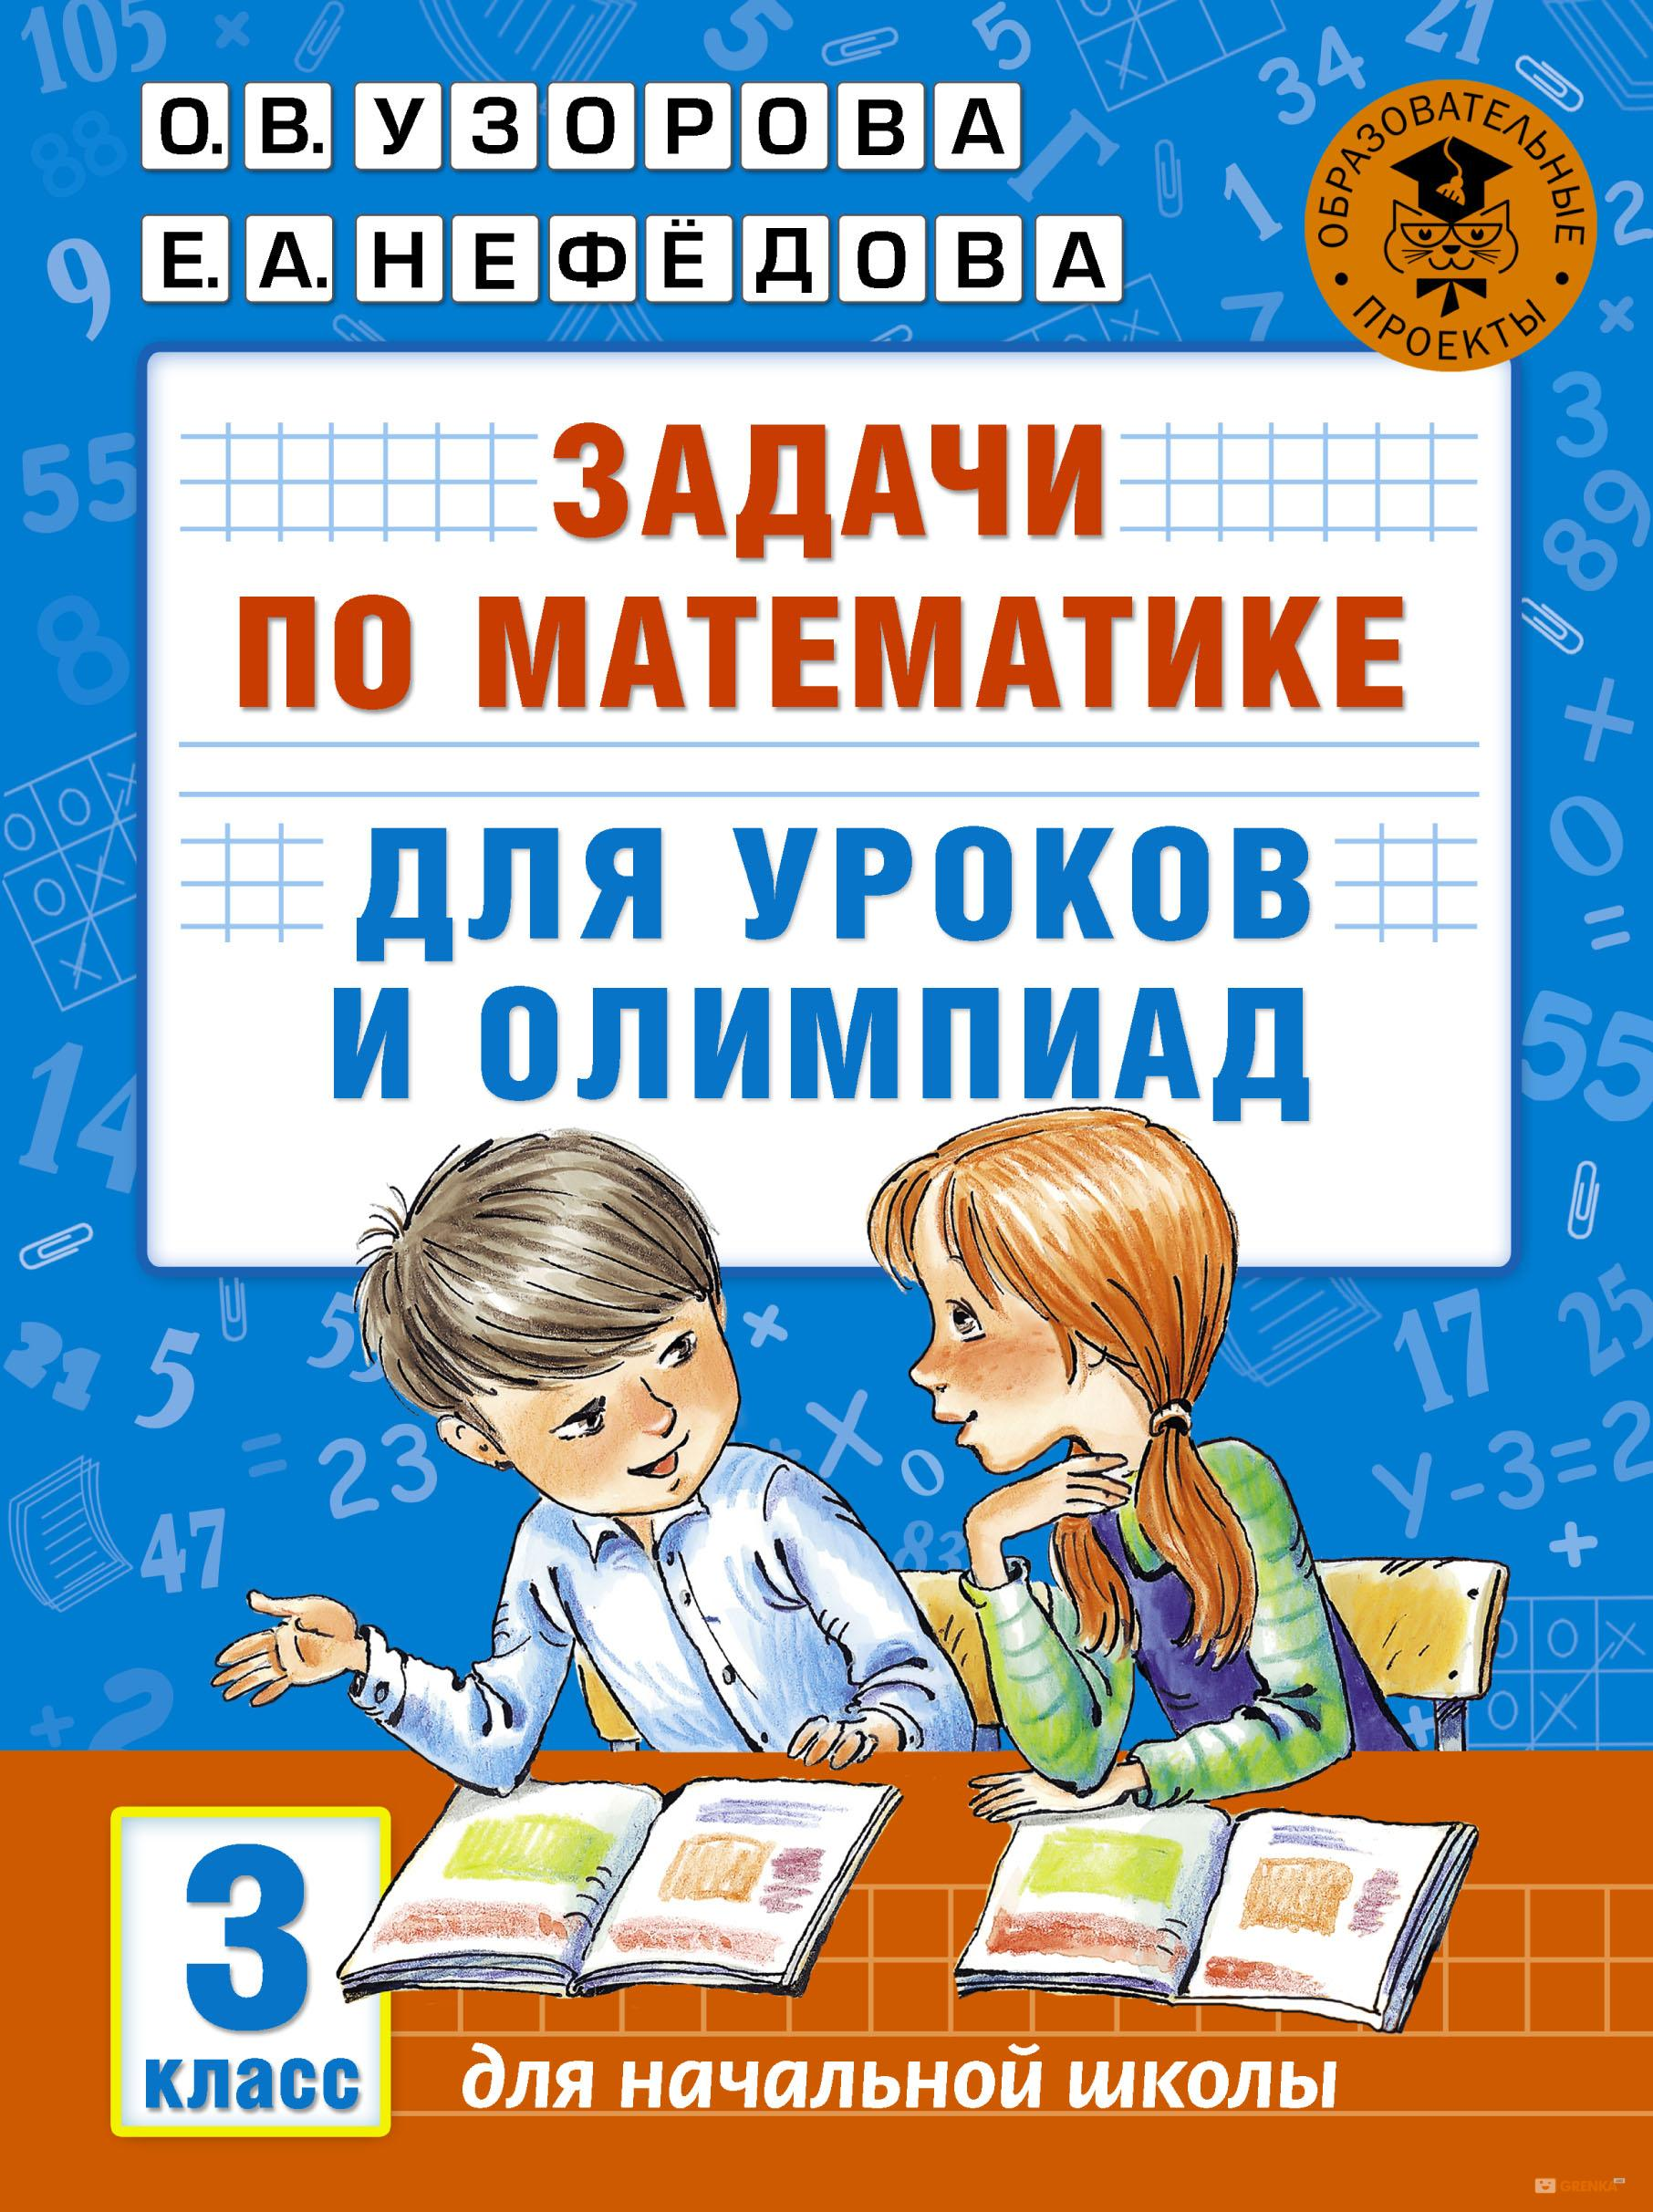 Купить Задачи по математике для уроков и олимпиад. 3 класс, Елена Нефедова, 978-5-17-097273-9